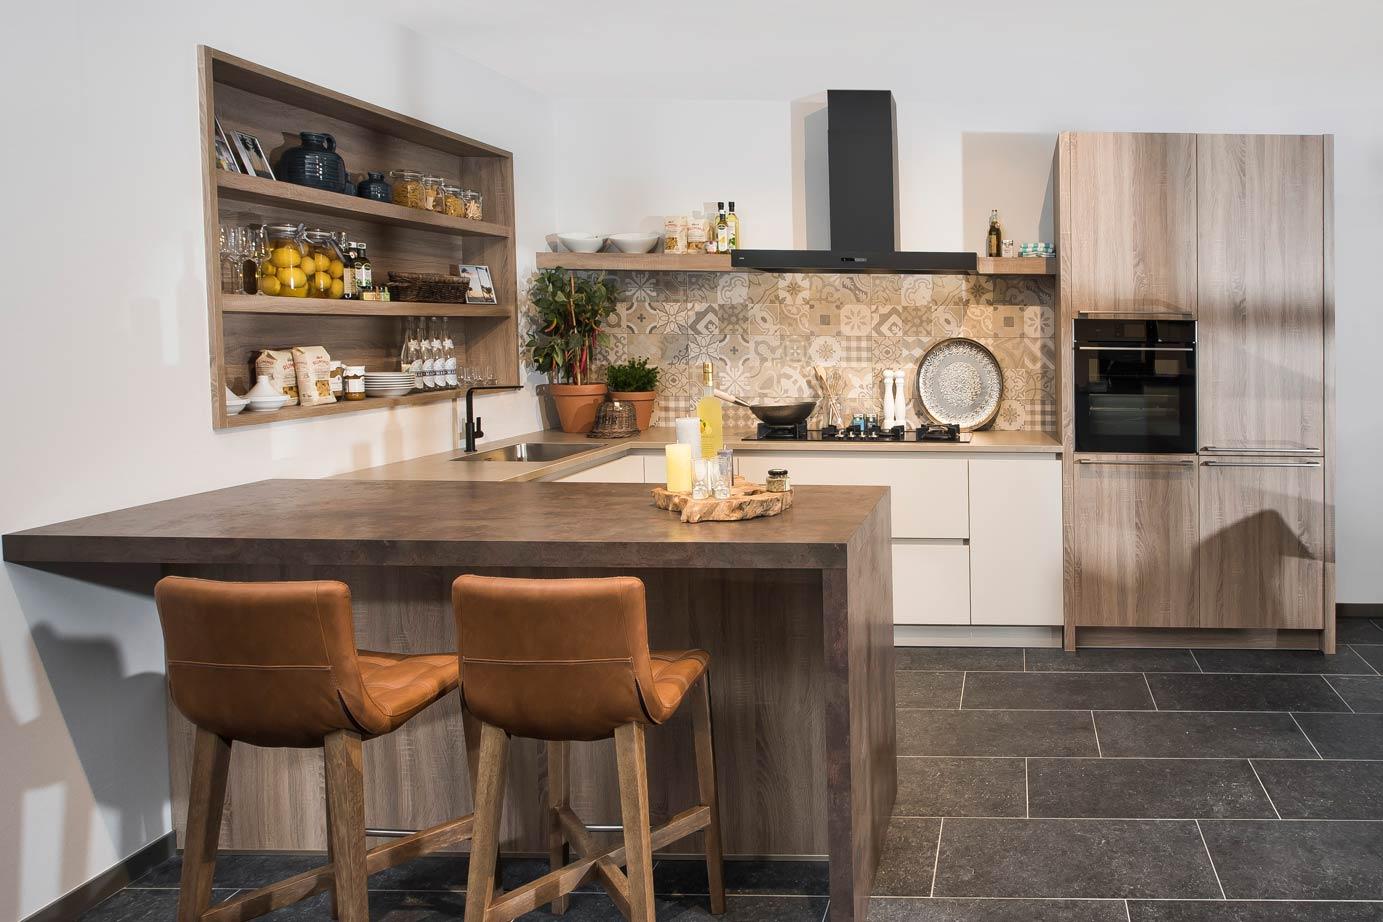 Keuken Moderne Bar : Welke keuken indeling kiest u bekijk de mogelijkheden ardi